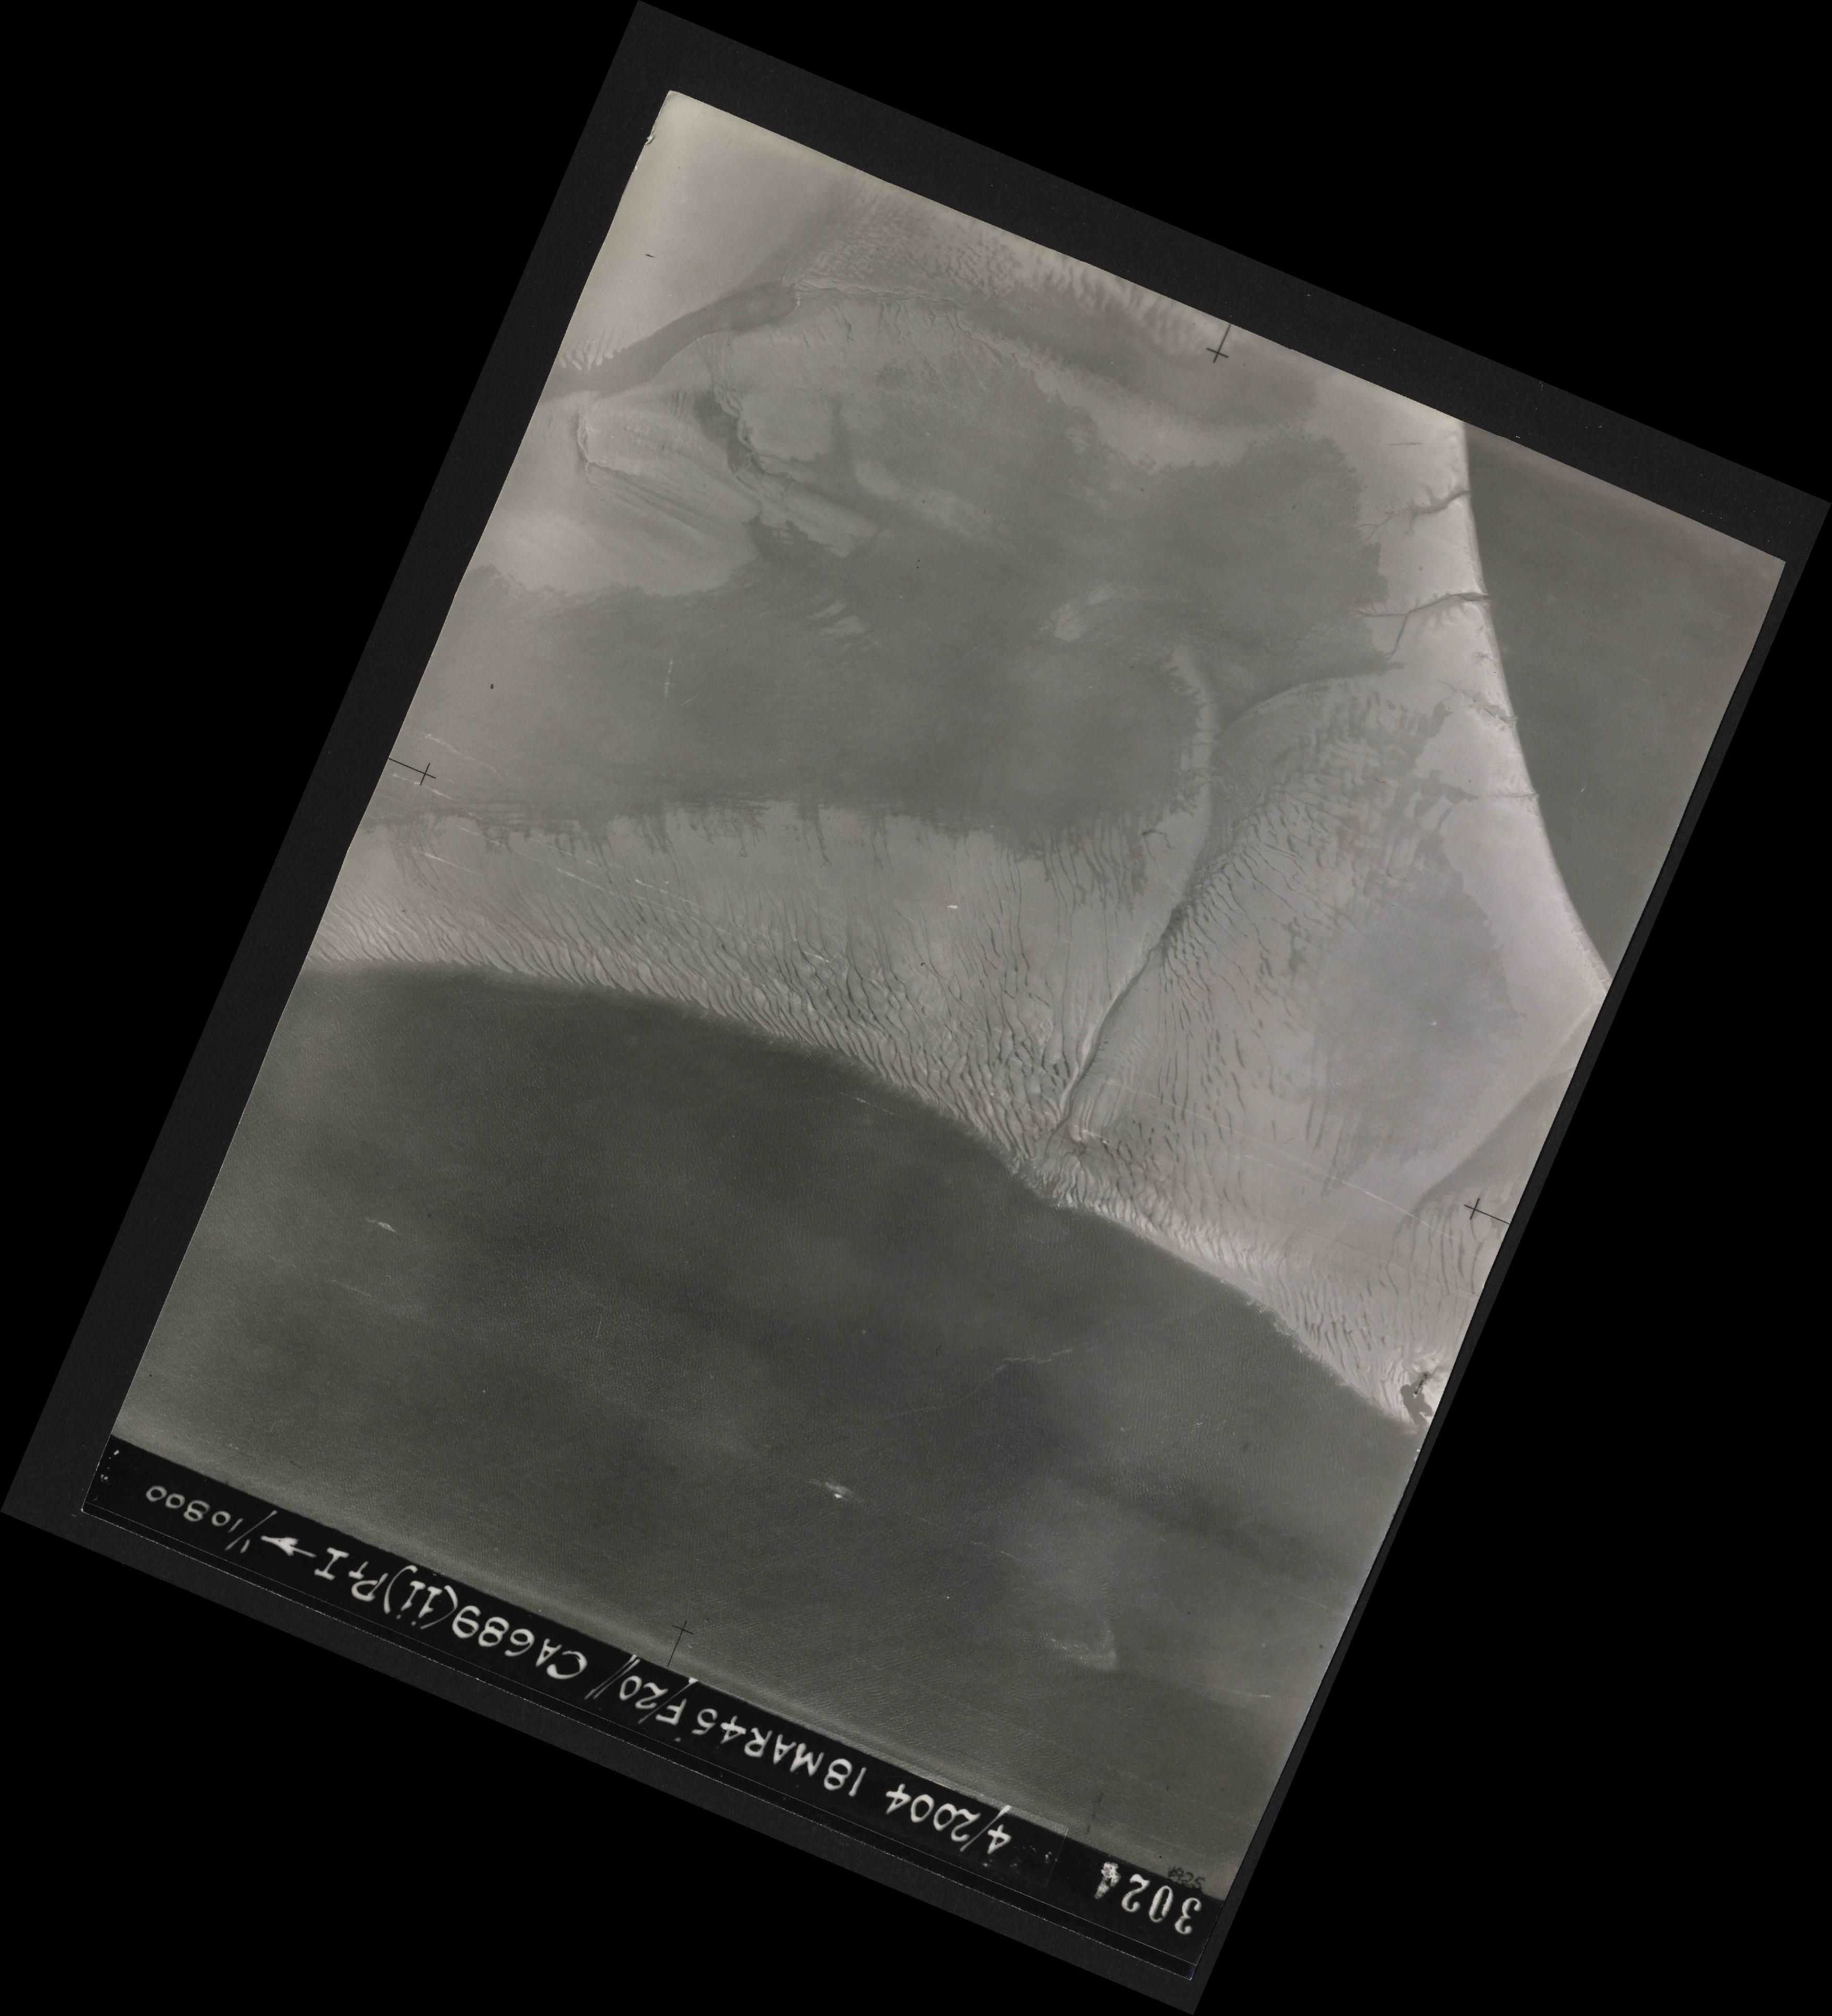 Collection RAF aerial photos 1940-1945 - flight 076, run 12, photo 3024